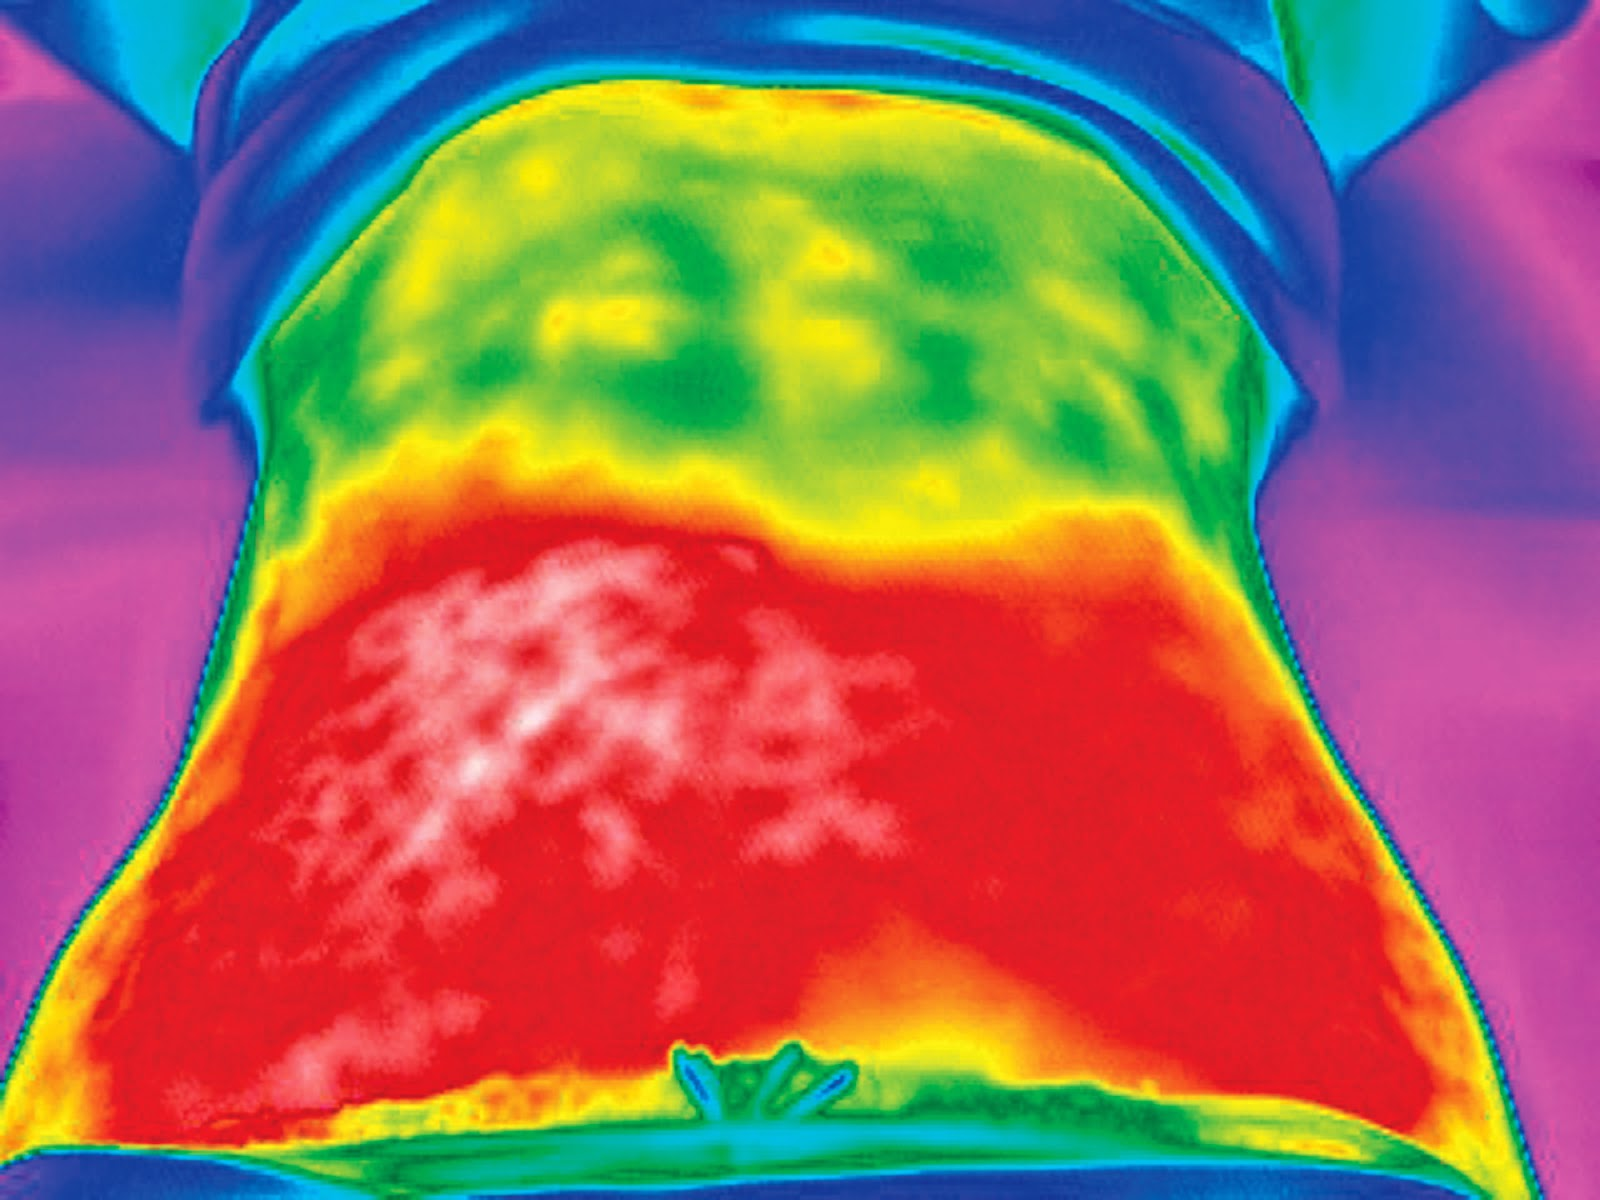 Como perder peso y eliminar la grasa Tratamiento Vanquish - adelgazar jerez - perder peso cadiz - eliminar grasa jerez - dra maria jose sierra gudin (1)